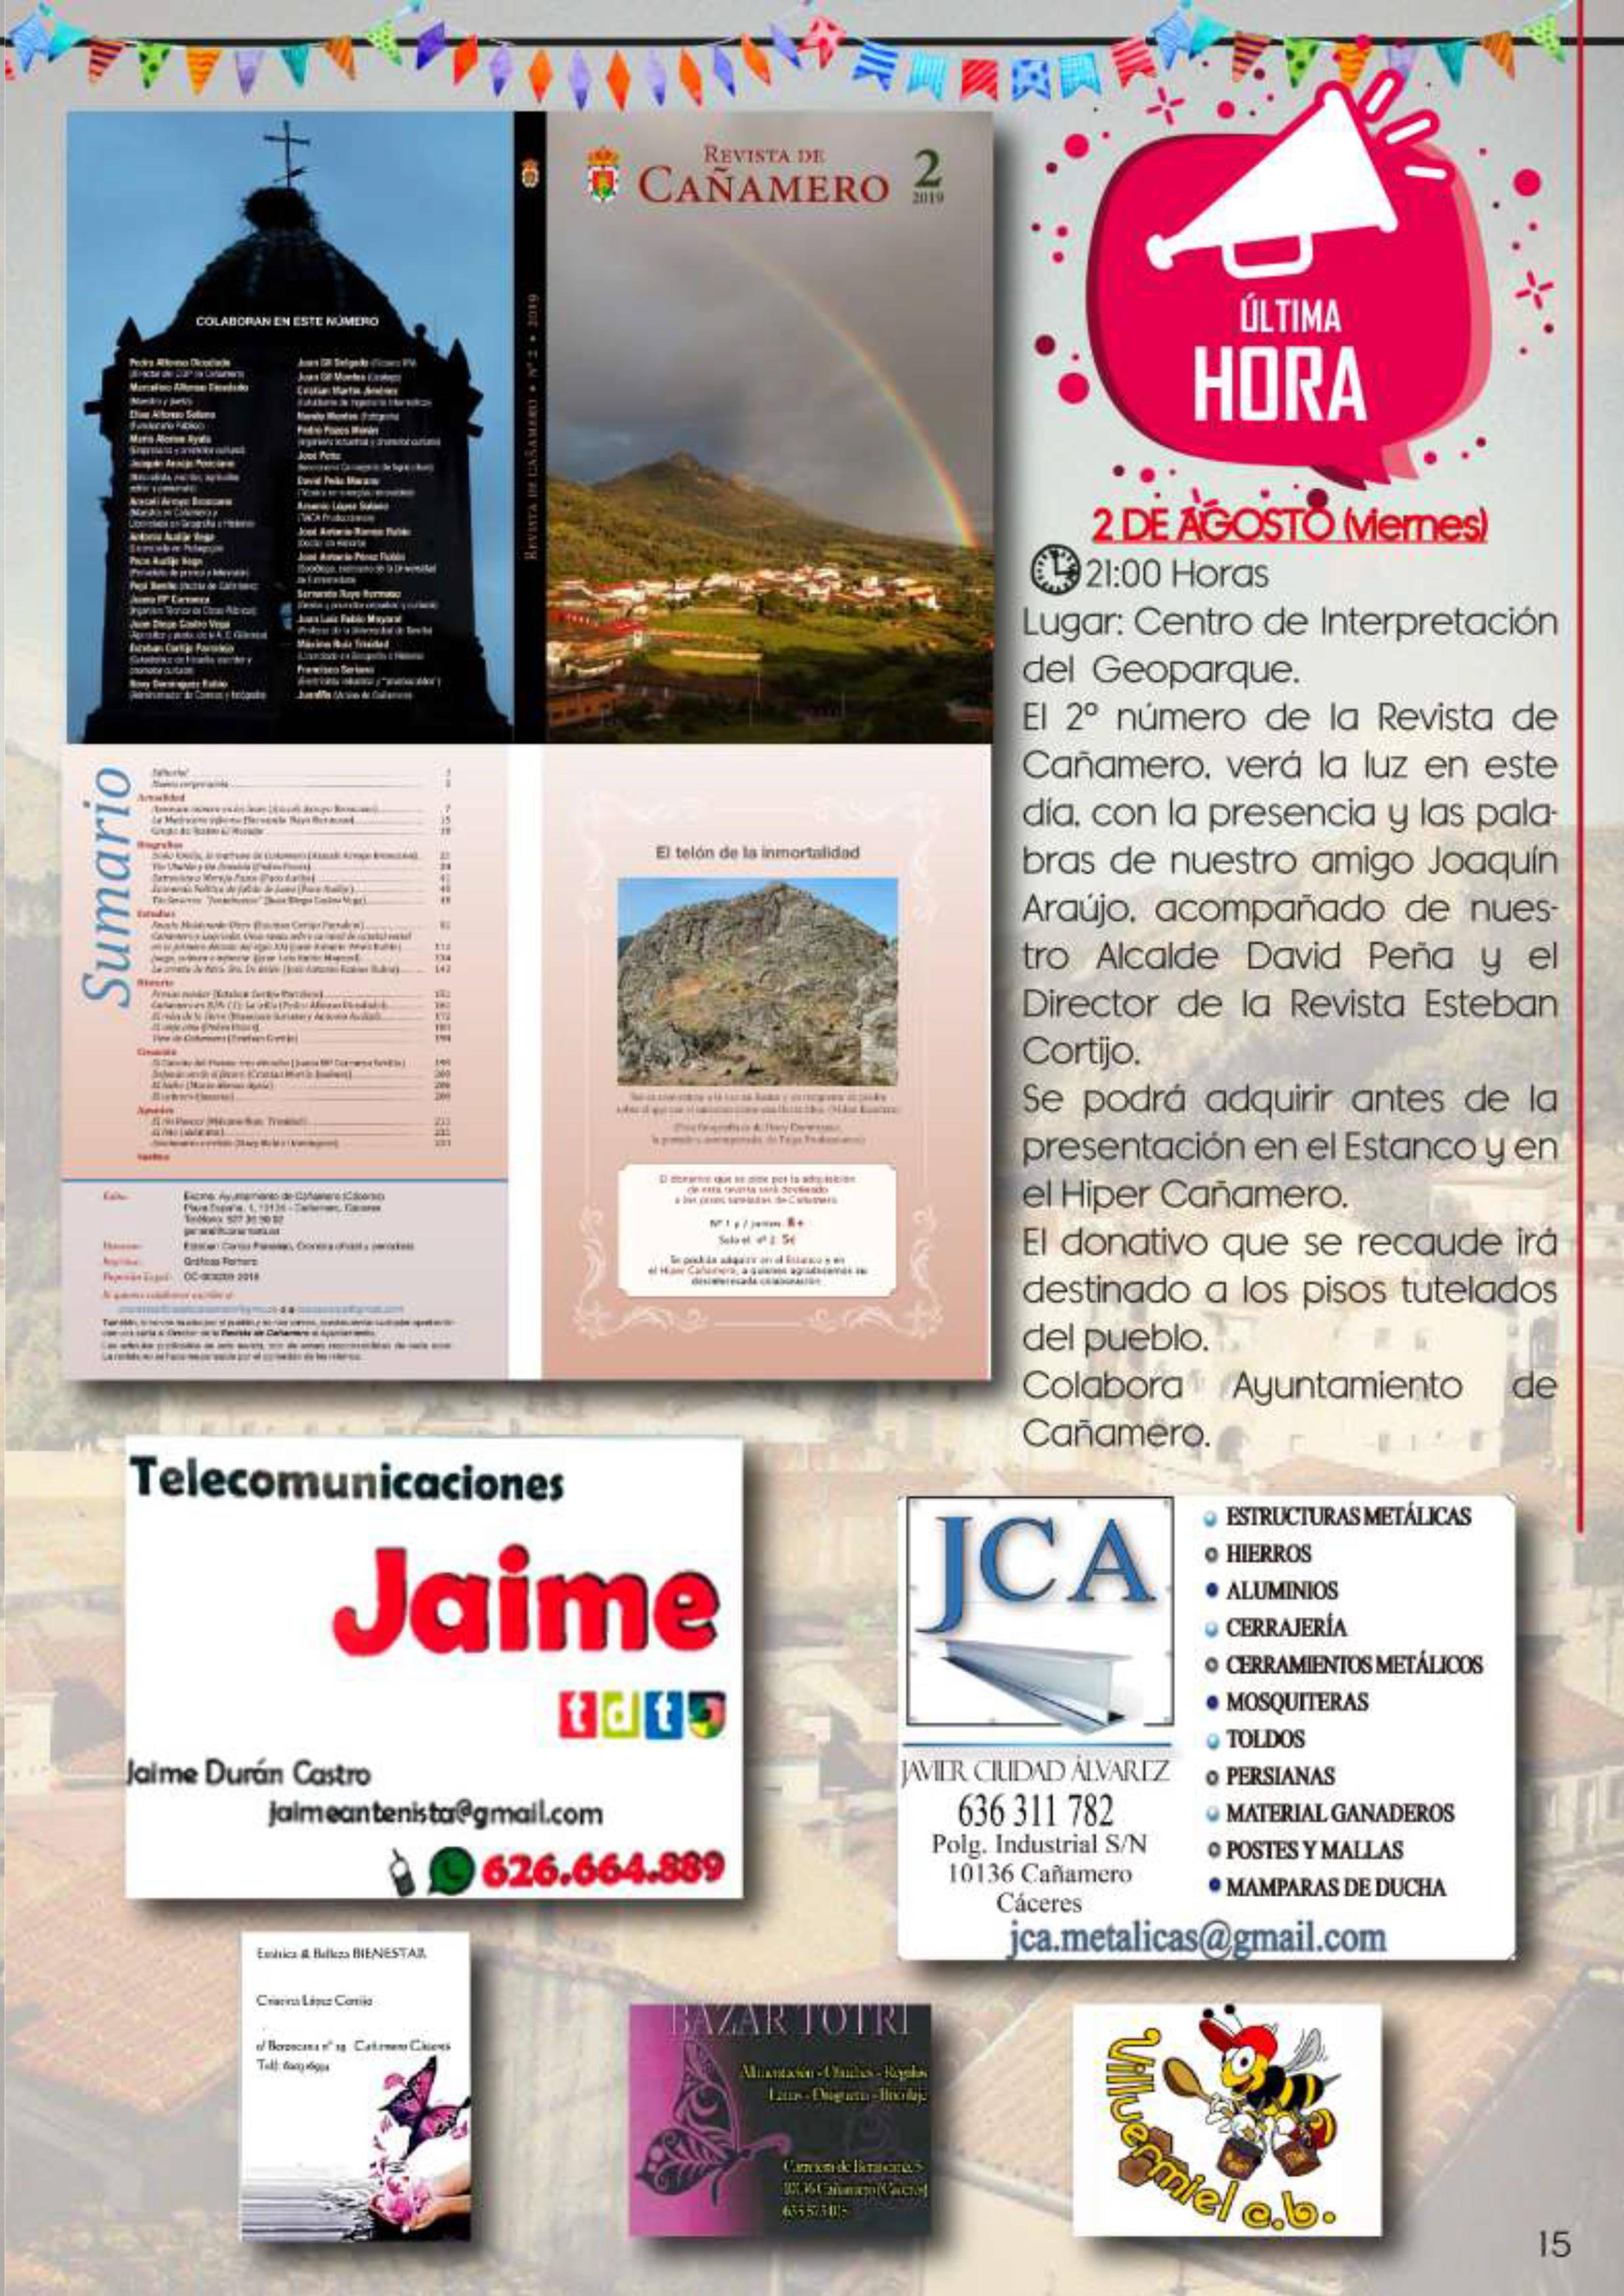 Programa de fiestas patronales 2019 - Cañamero (Cáceres) 11